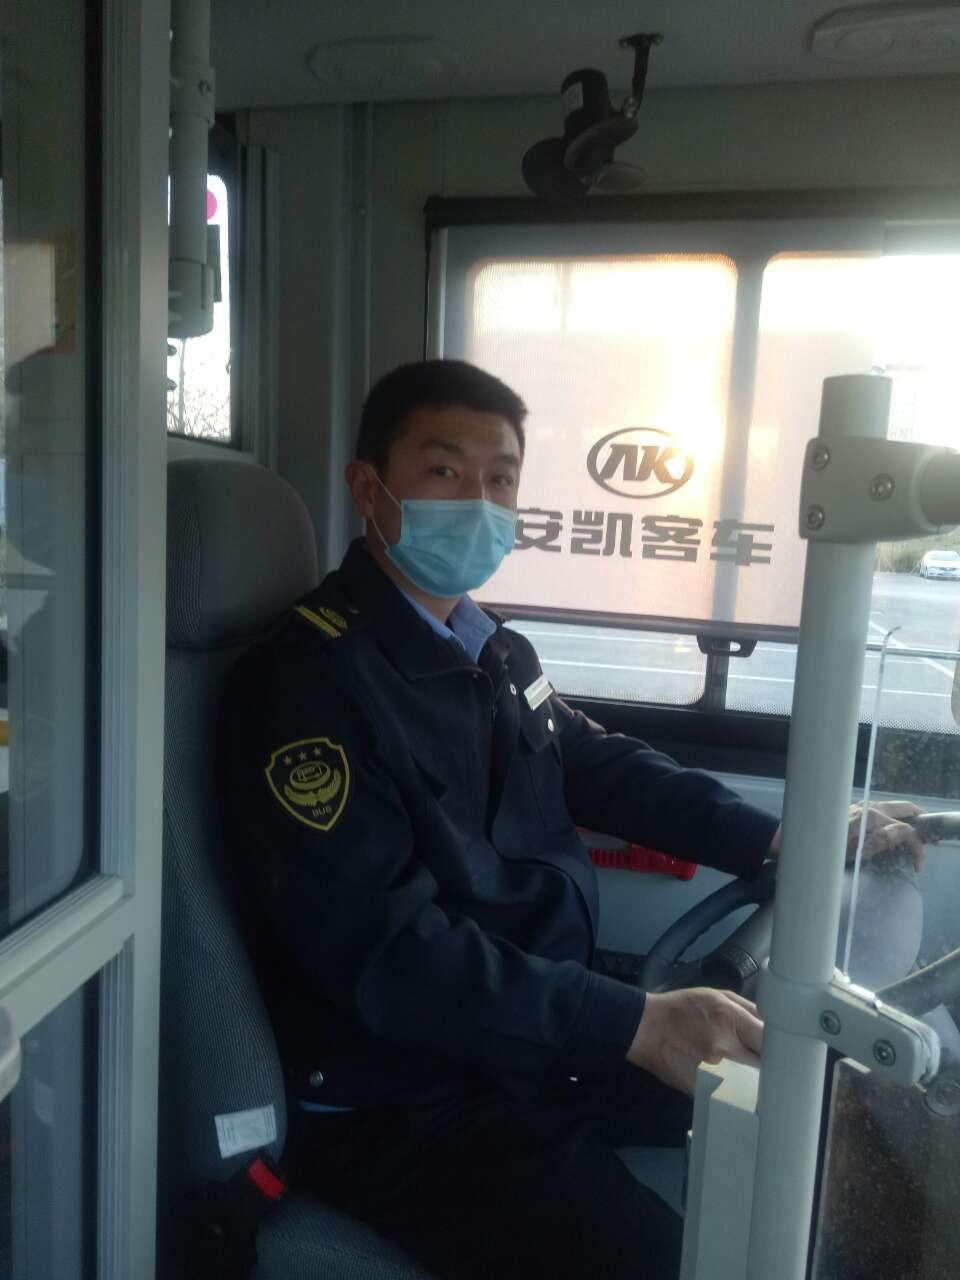 乘客公交車上突然暈倒,危急時刻, 多虧他這樣做......